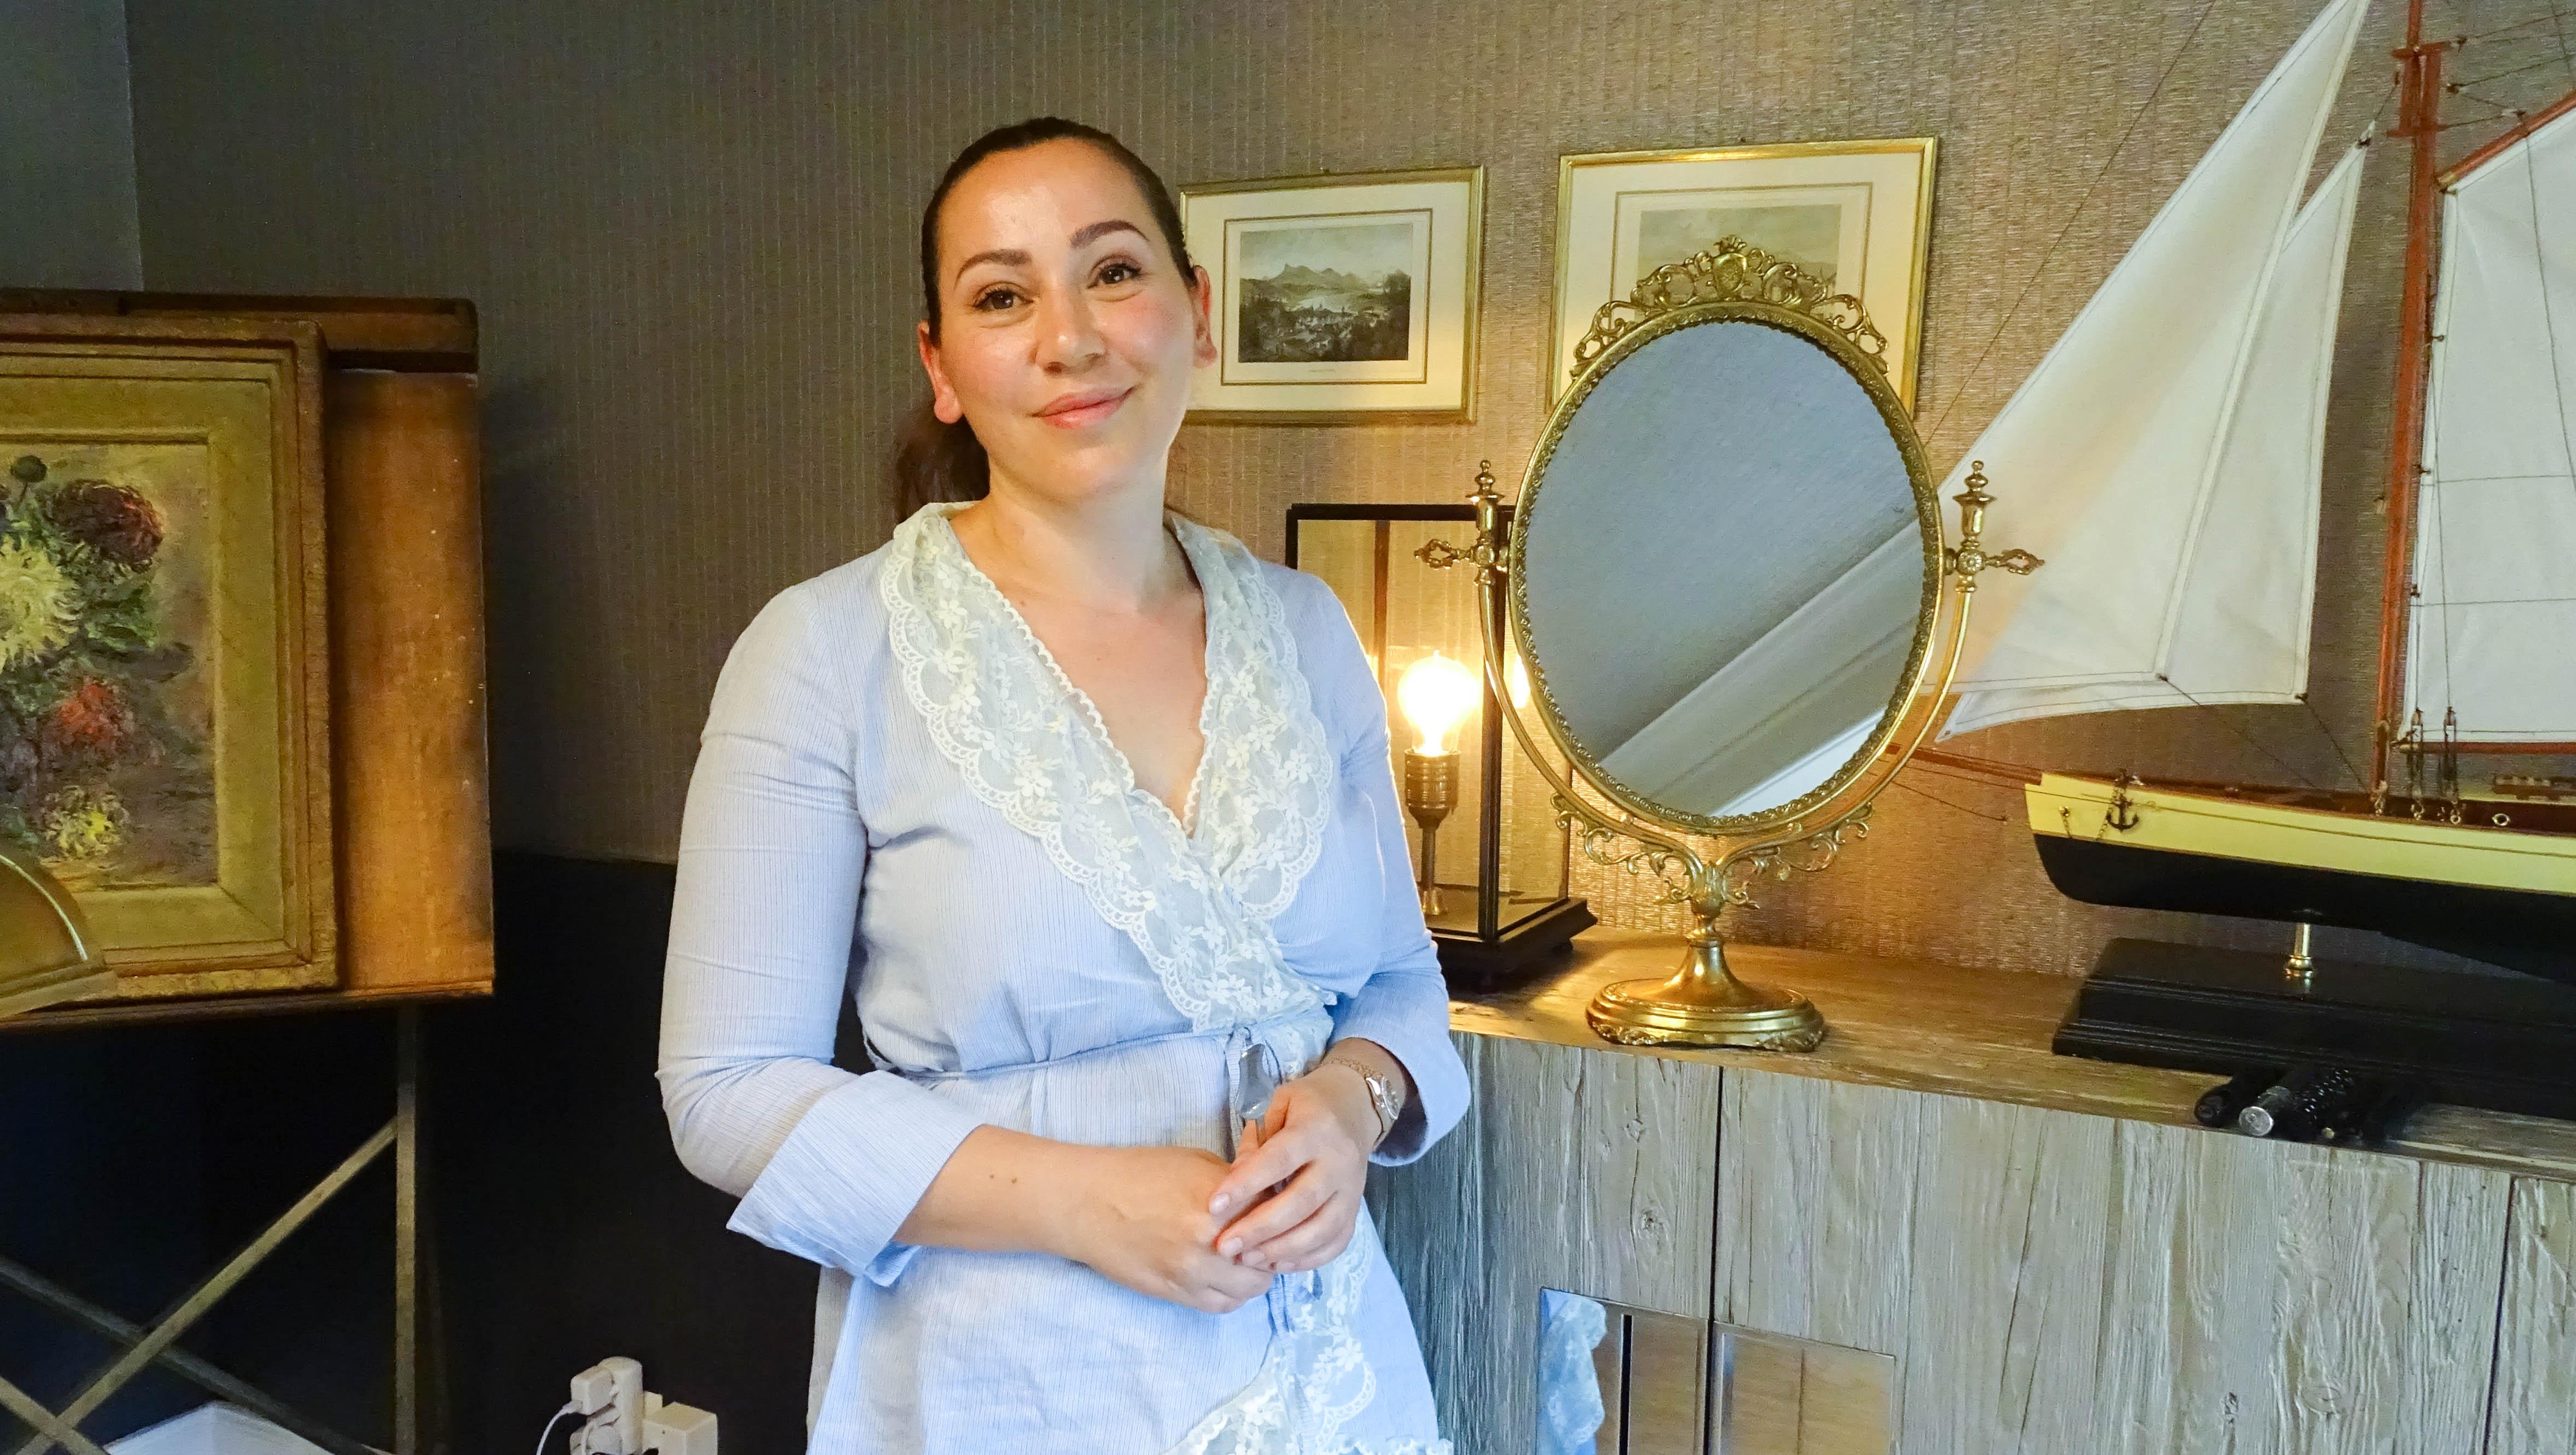 Violeta Salicunaj in ihrem Büro an der Haldenstrasse in Luzern.